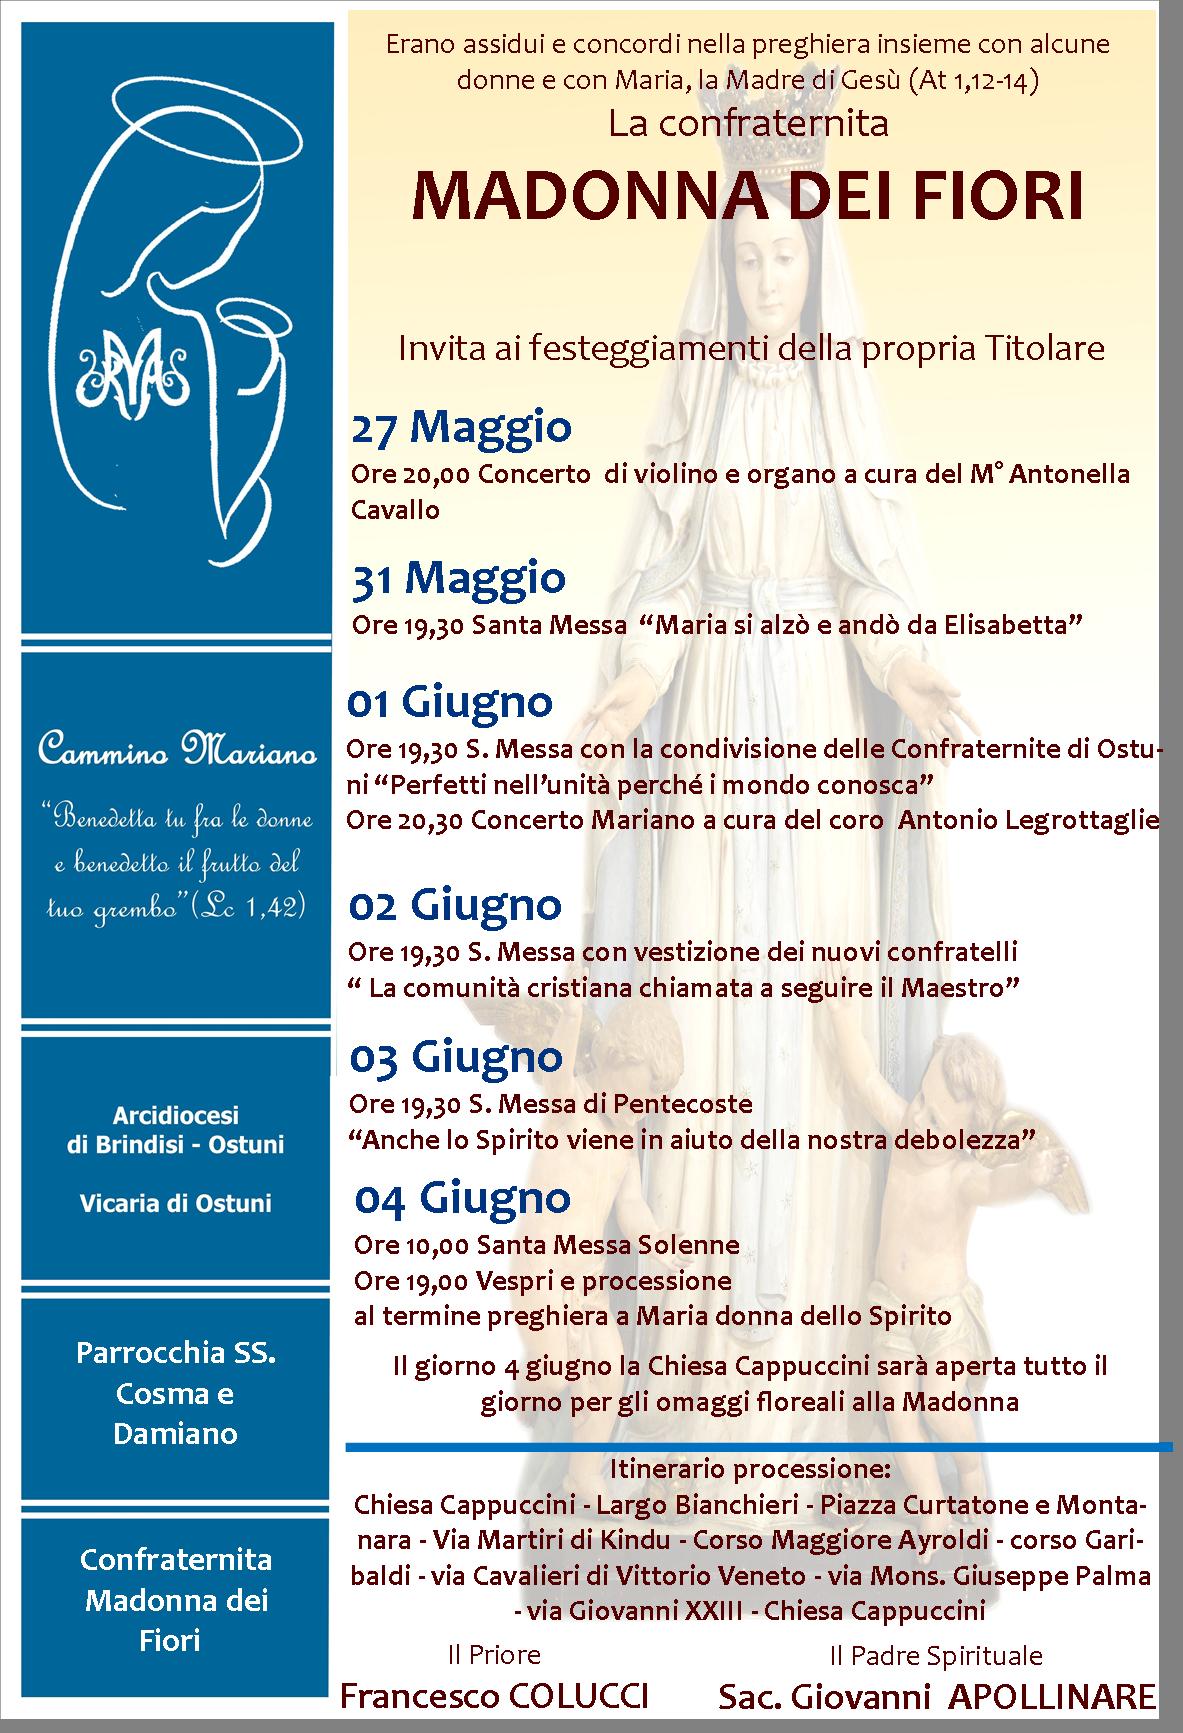 Manifesto Madonna dei Fiori